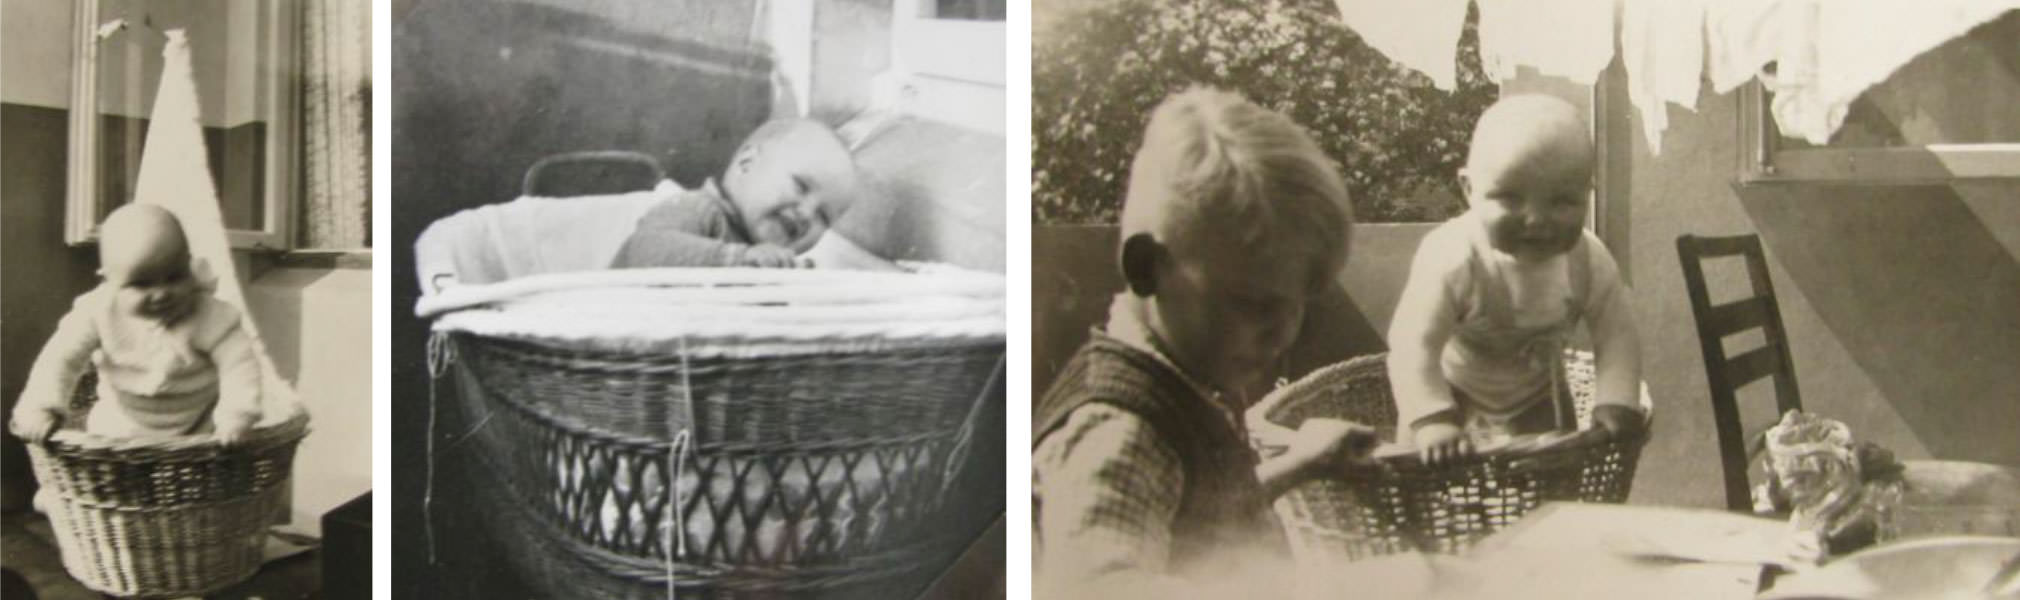 Ein Nest fürs erste Lebensjahr - Uwe Schürmann in seinem Weidenkorb um 1933. Fotos: Leihgabe von Ekkehard Schürmann.